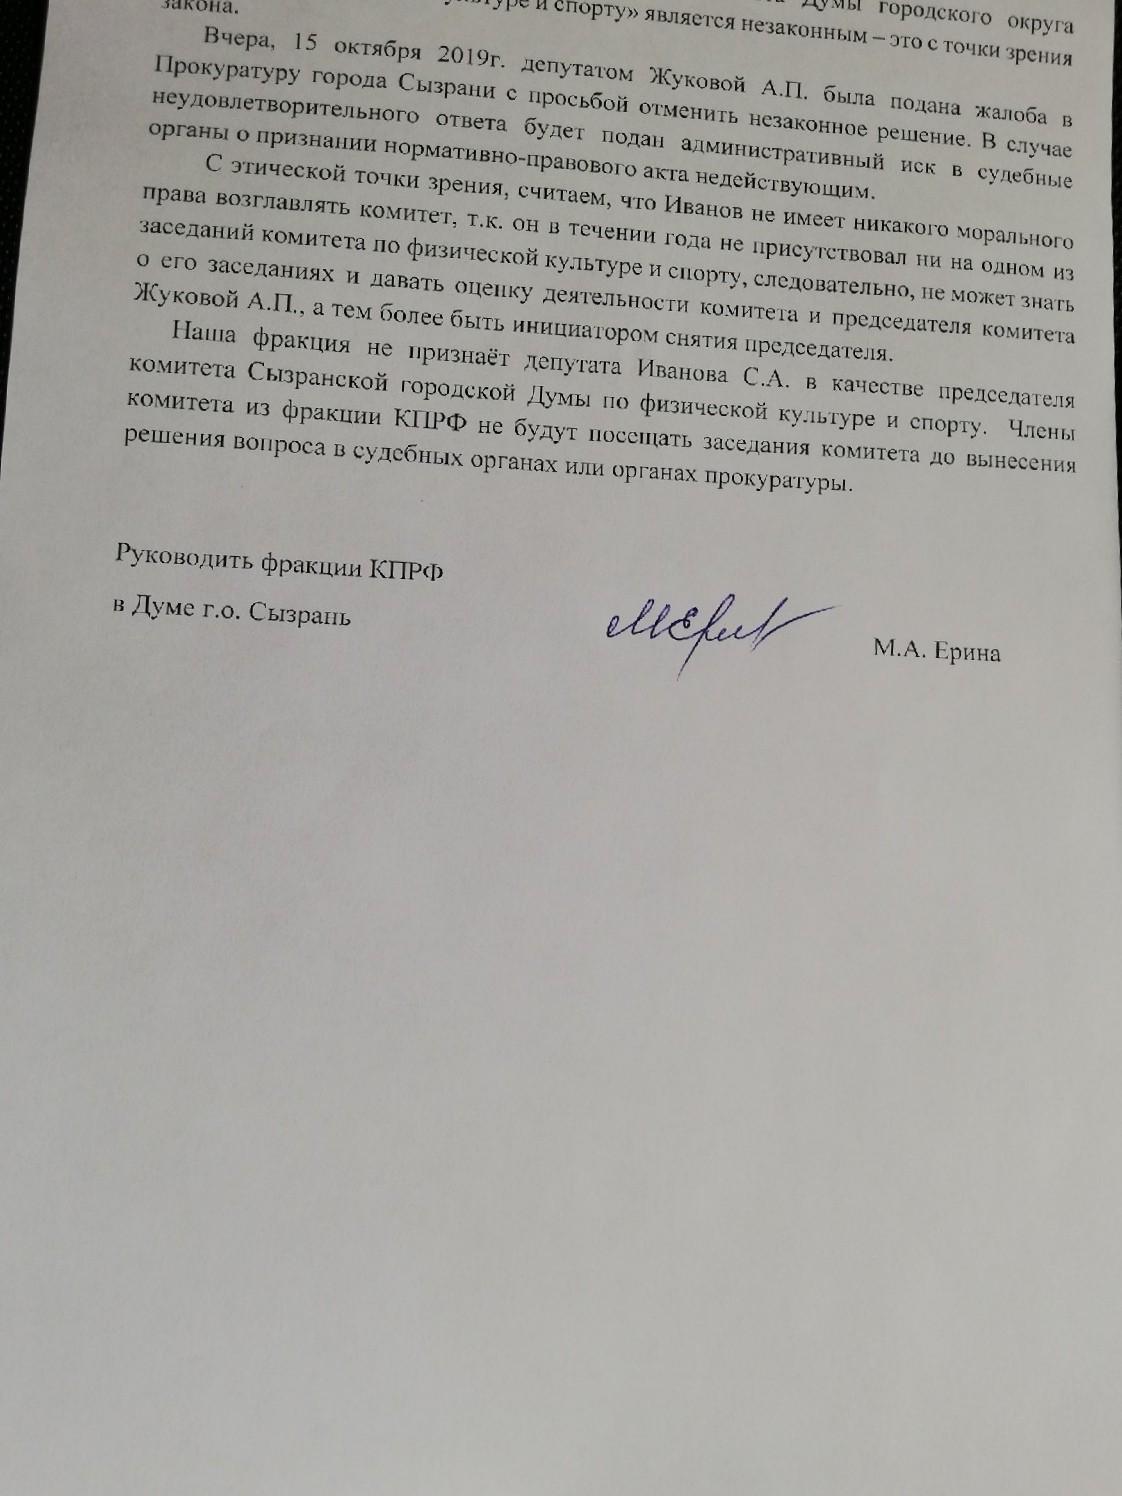 Заявление фракции КПРФ в Сызранской Думе 2019